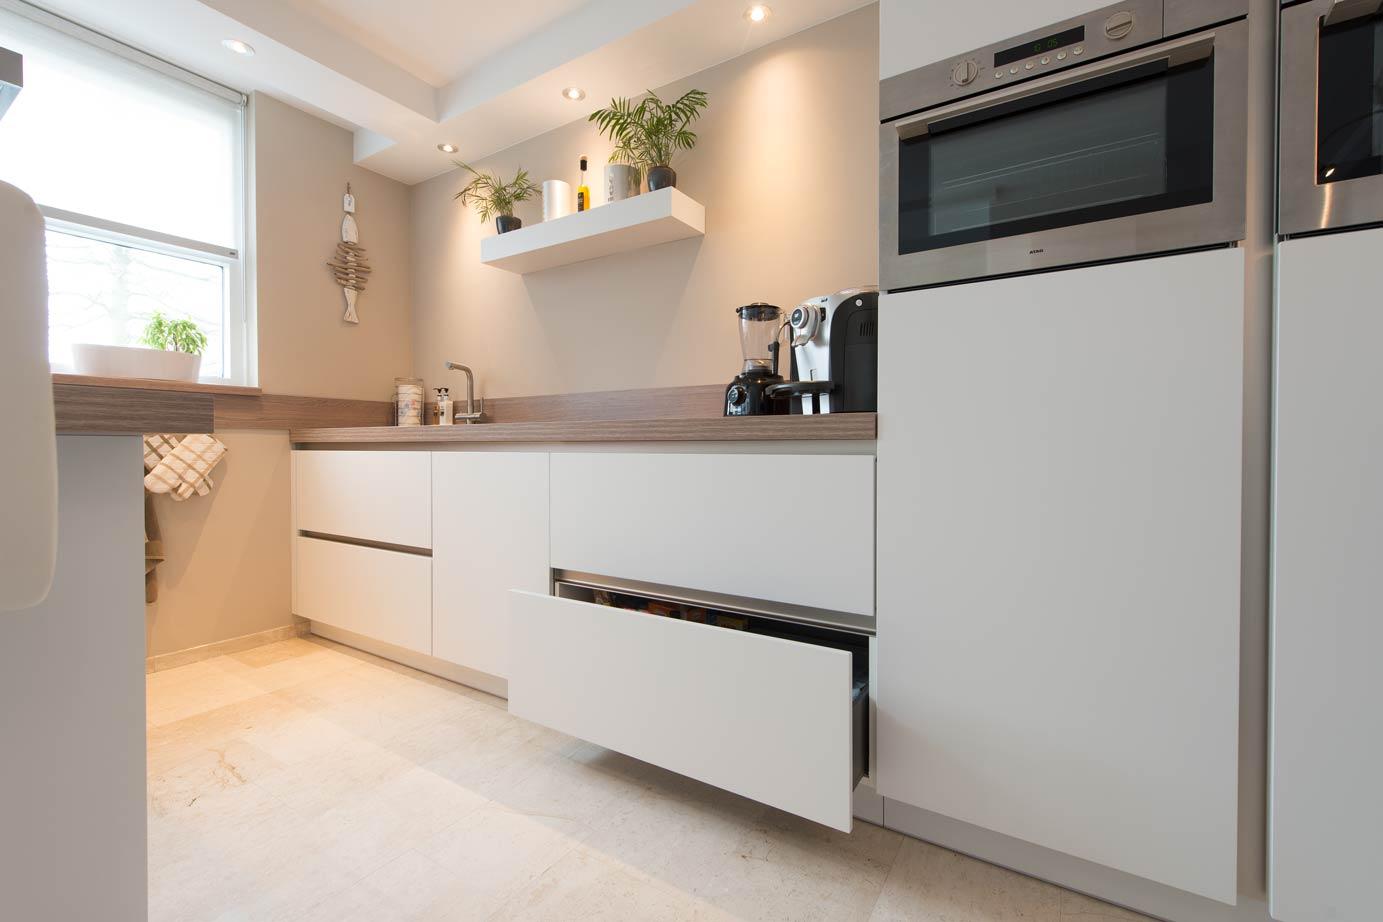 Meer licht Meer licht en ruimte in de keuken? Lees tips